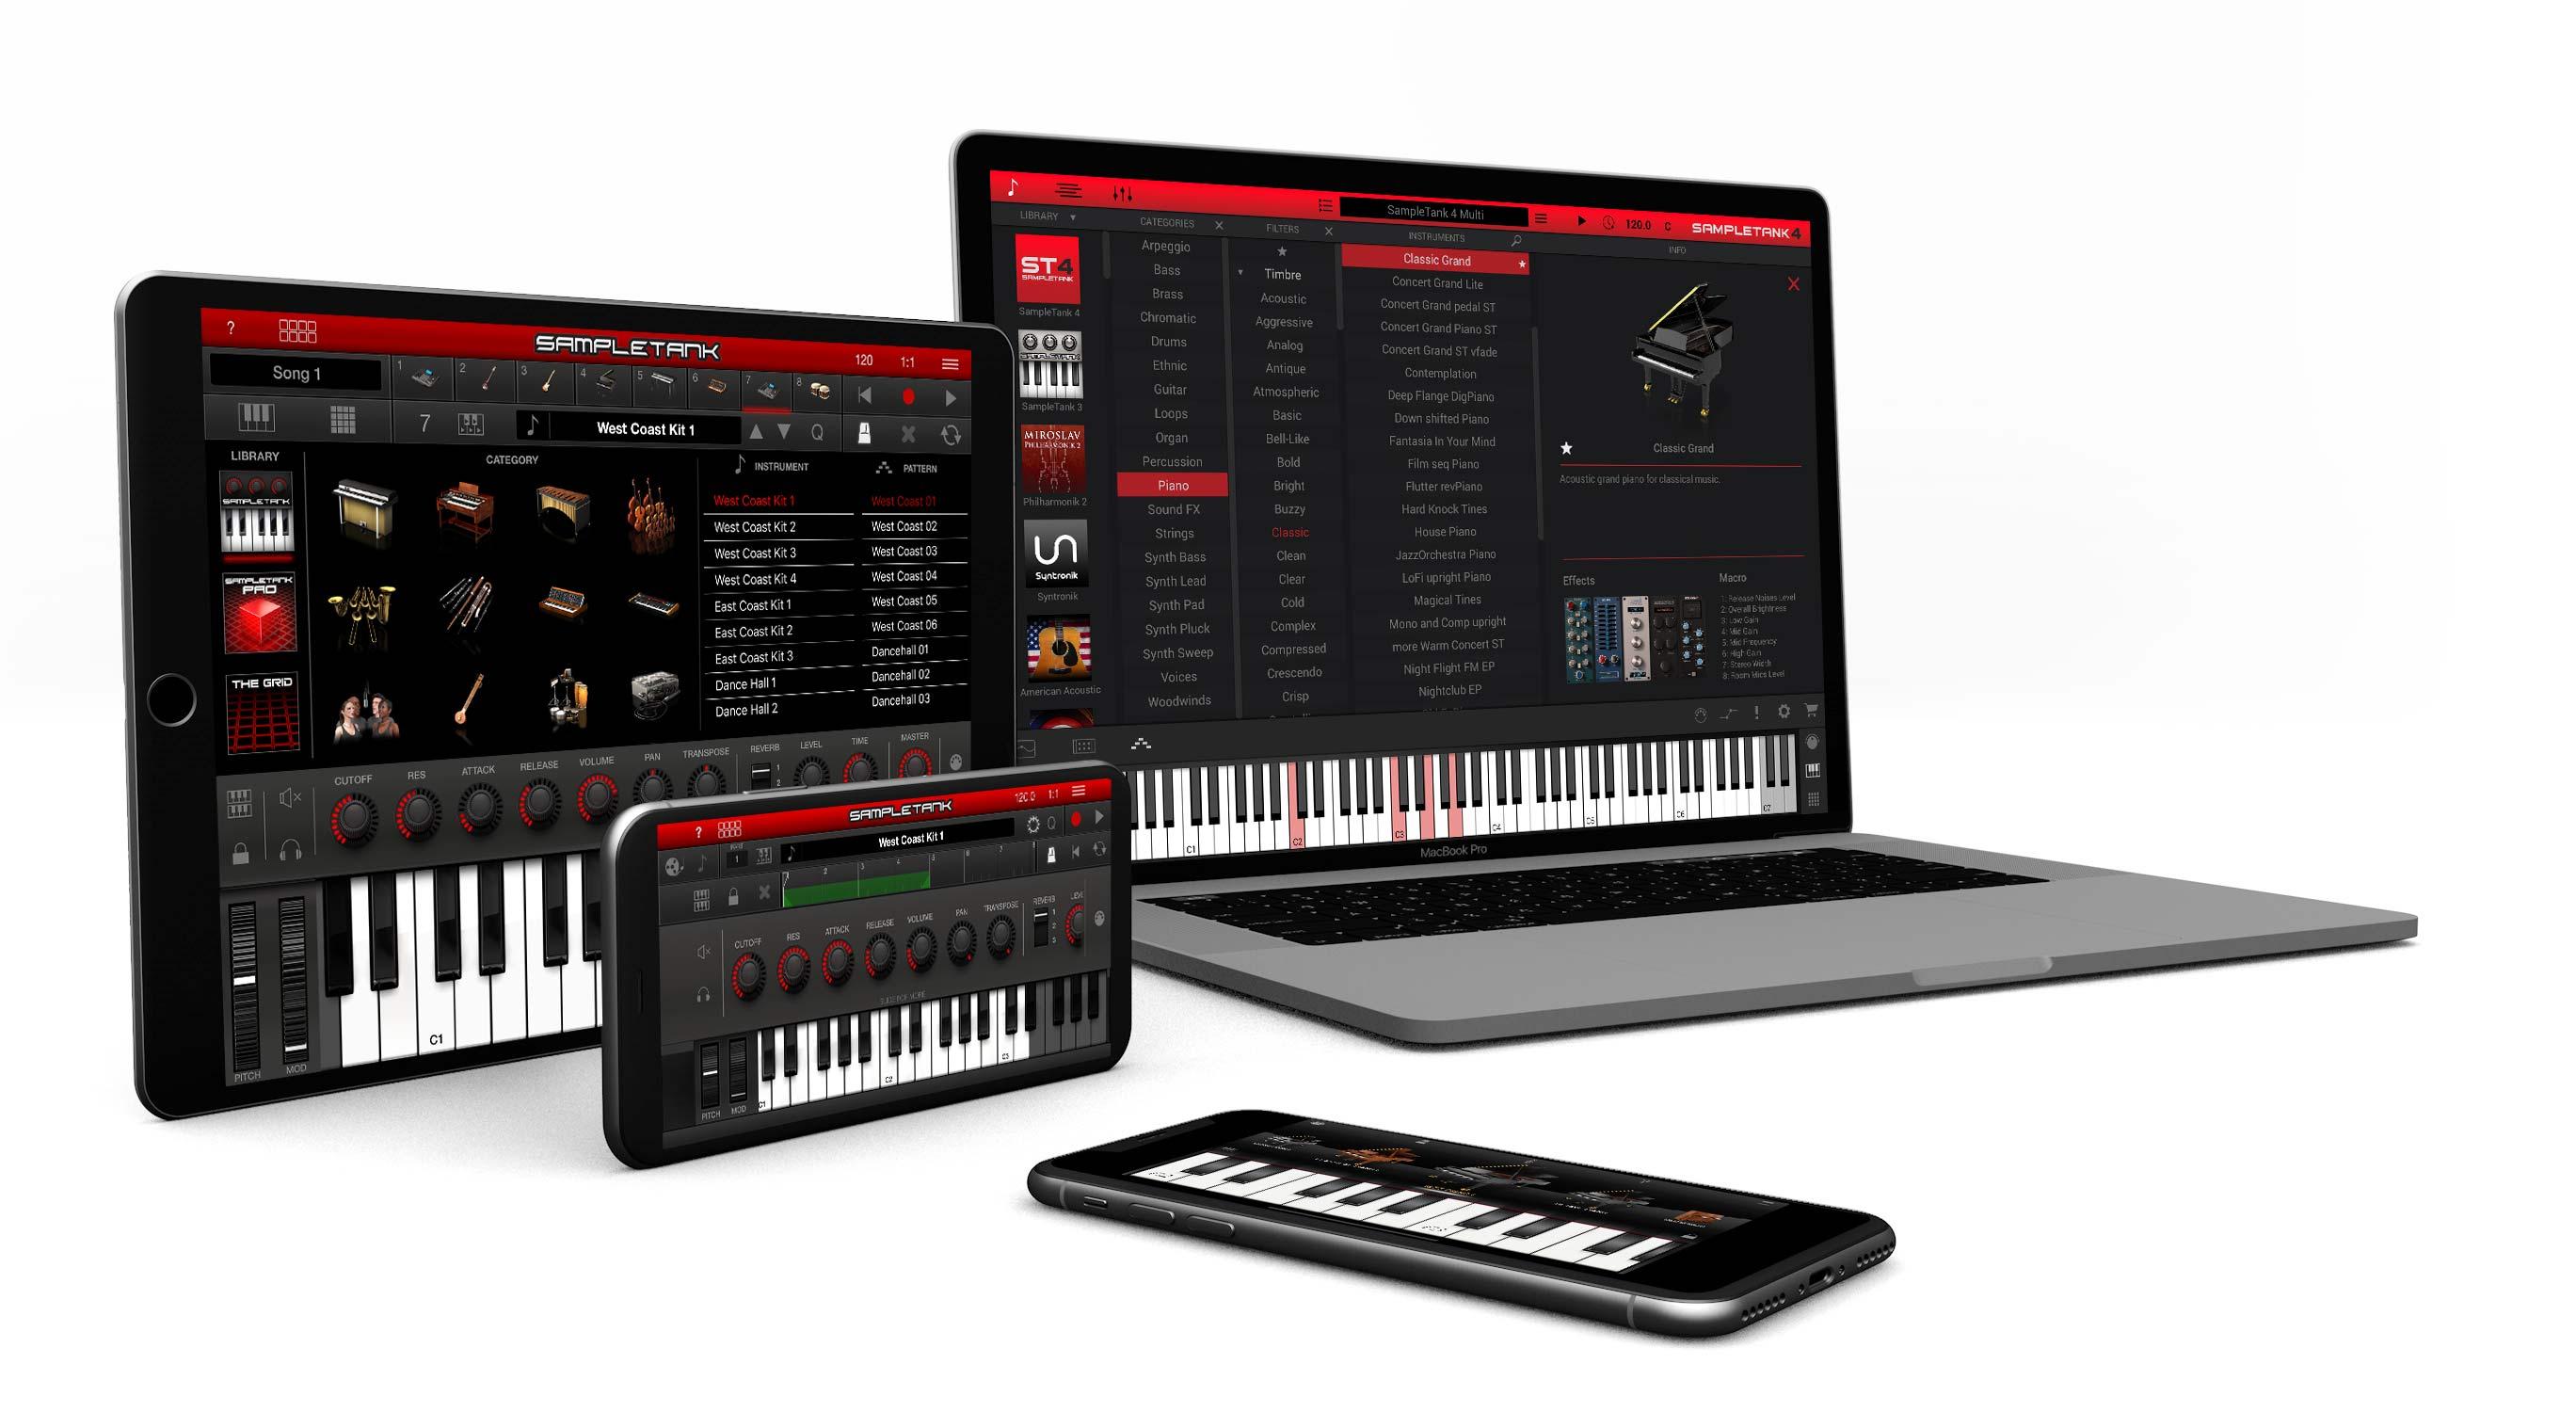 iRig Keys 2 програмне забезпечення